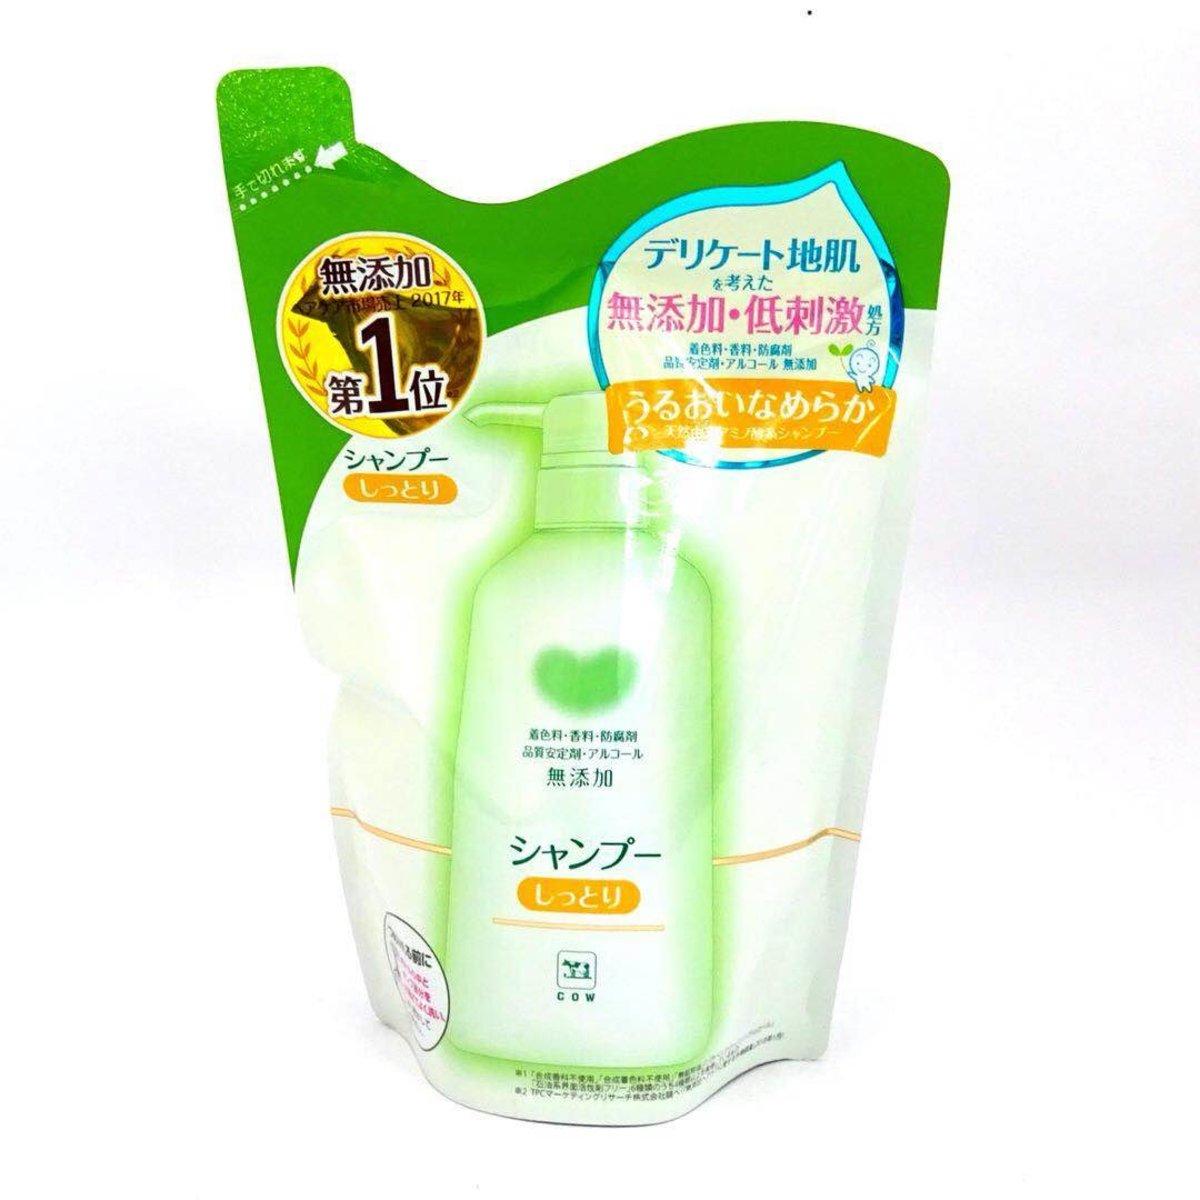 無添加洗頭水 (滋潤) 補充庄 380ml (平行進口)